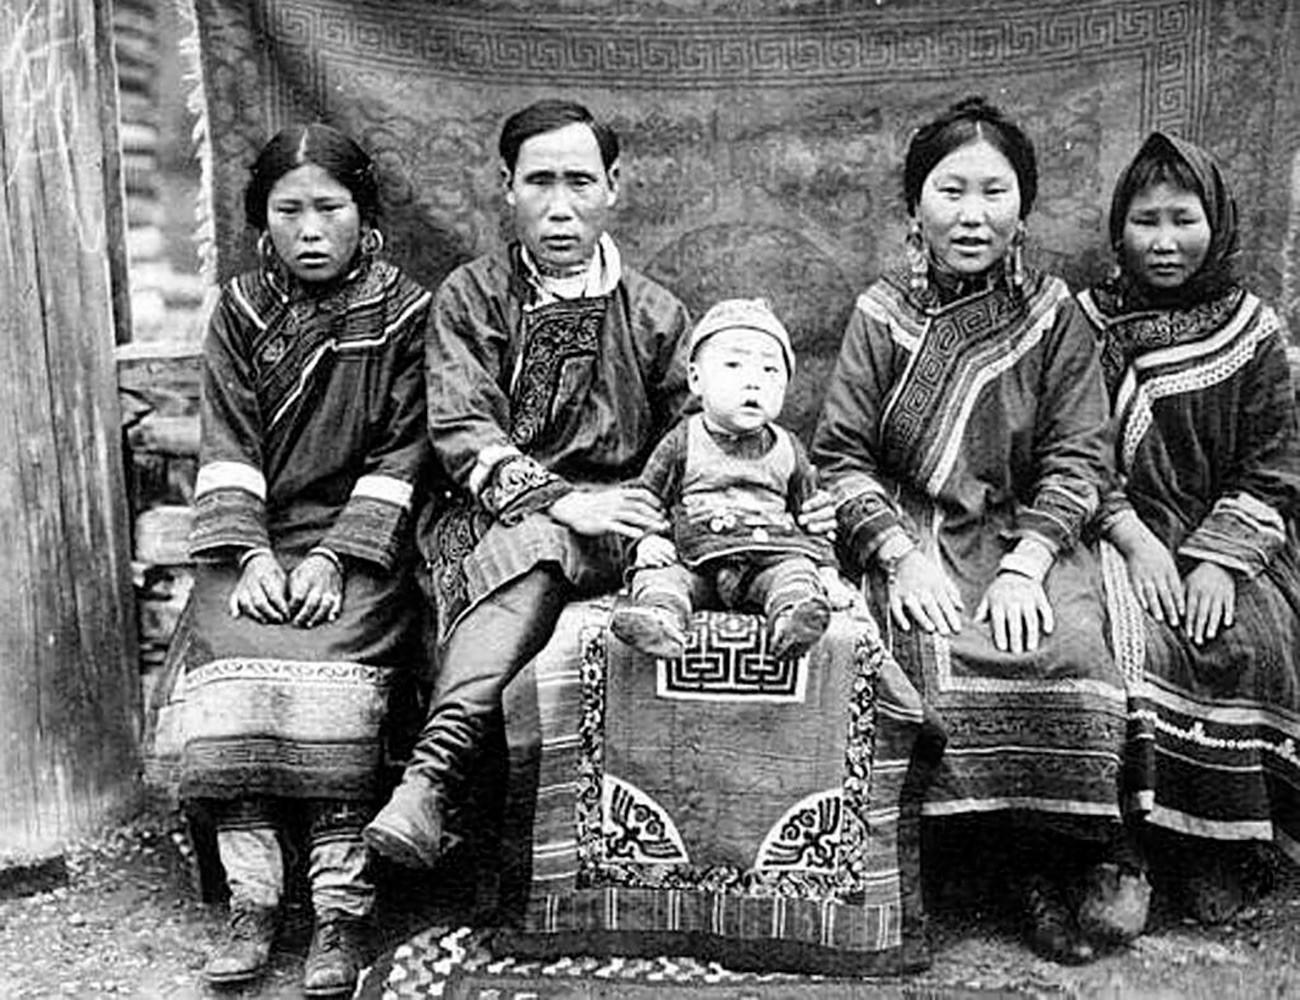 Goldska (nanajska) obitelj u narodnoj nošnji. Bazen rijeke Amur, Rusija.